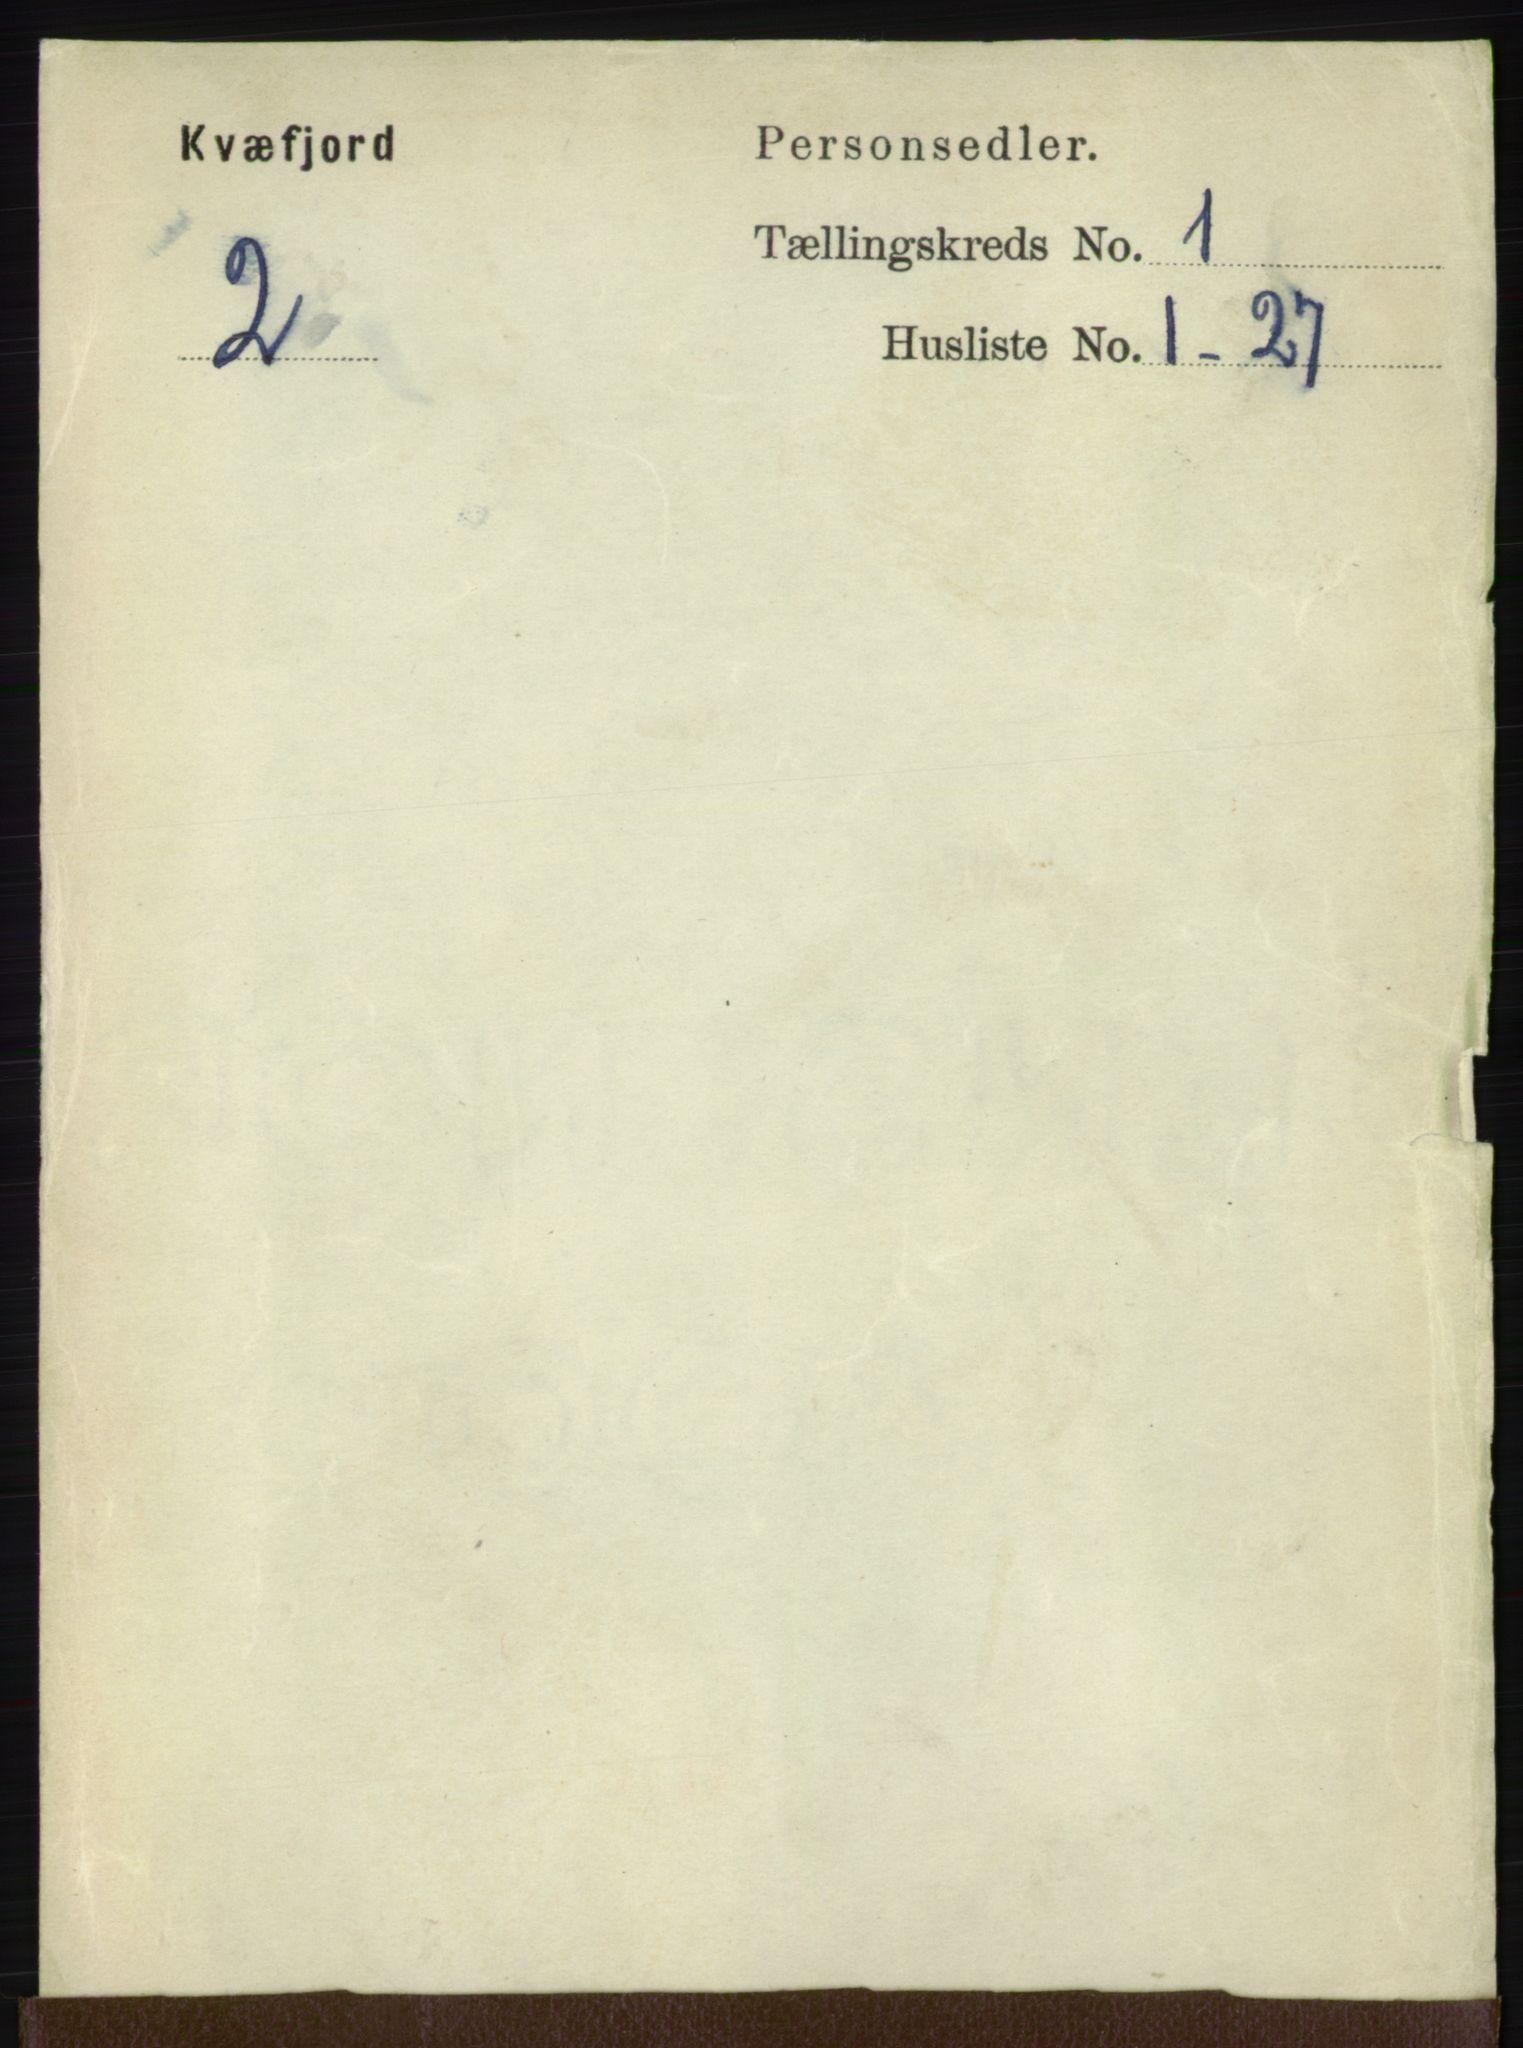 RA, Folketelling 1891 for 1911 Kvæfjord herred, 1891, s. 94